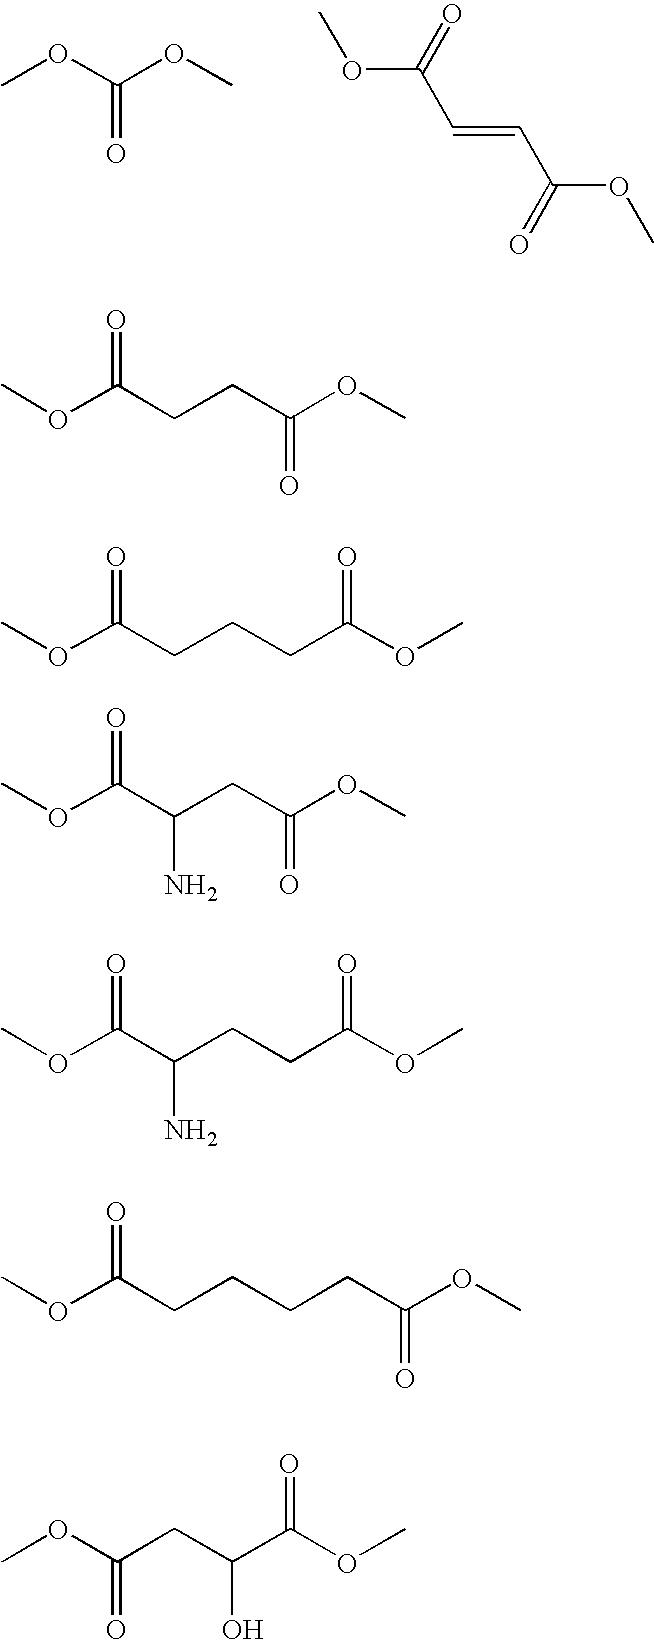 Figure US20050159609A1-20050721-C00009